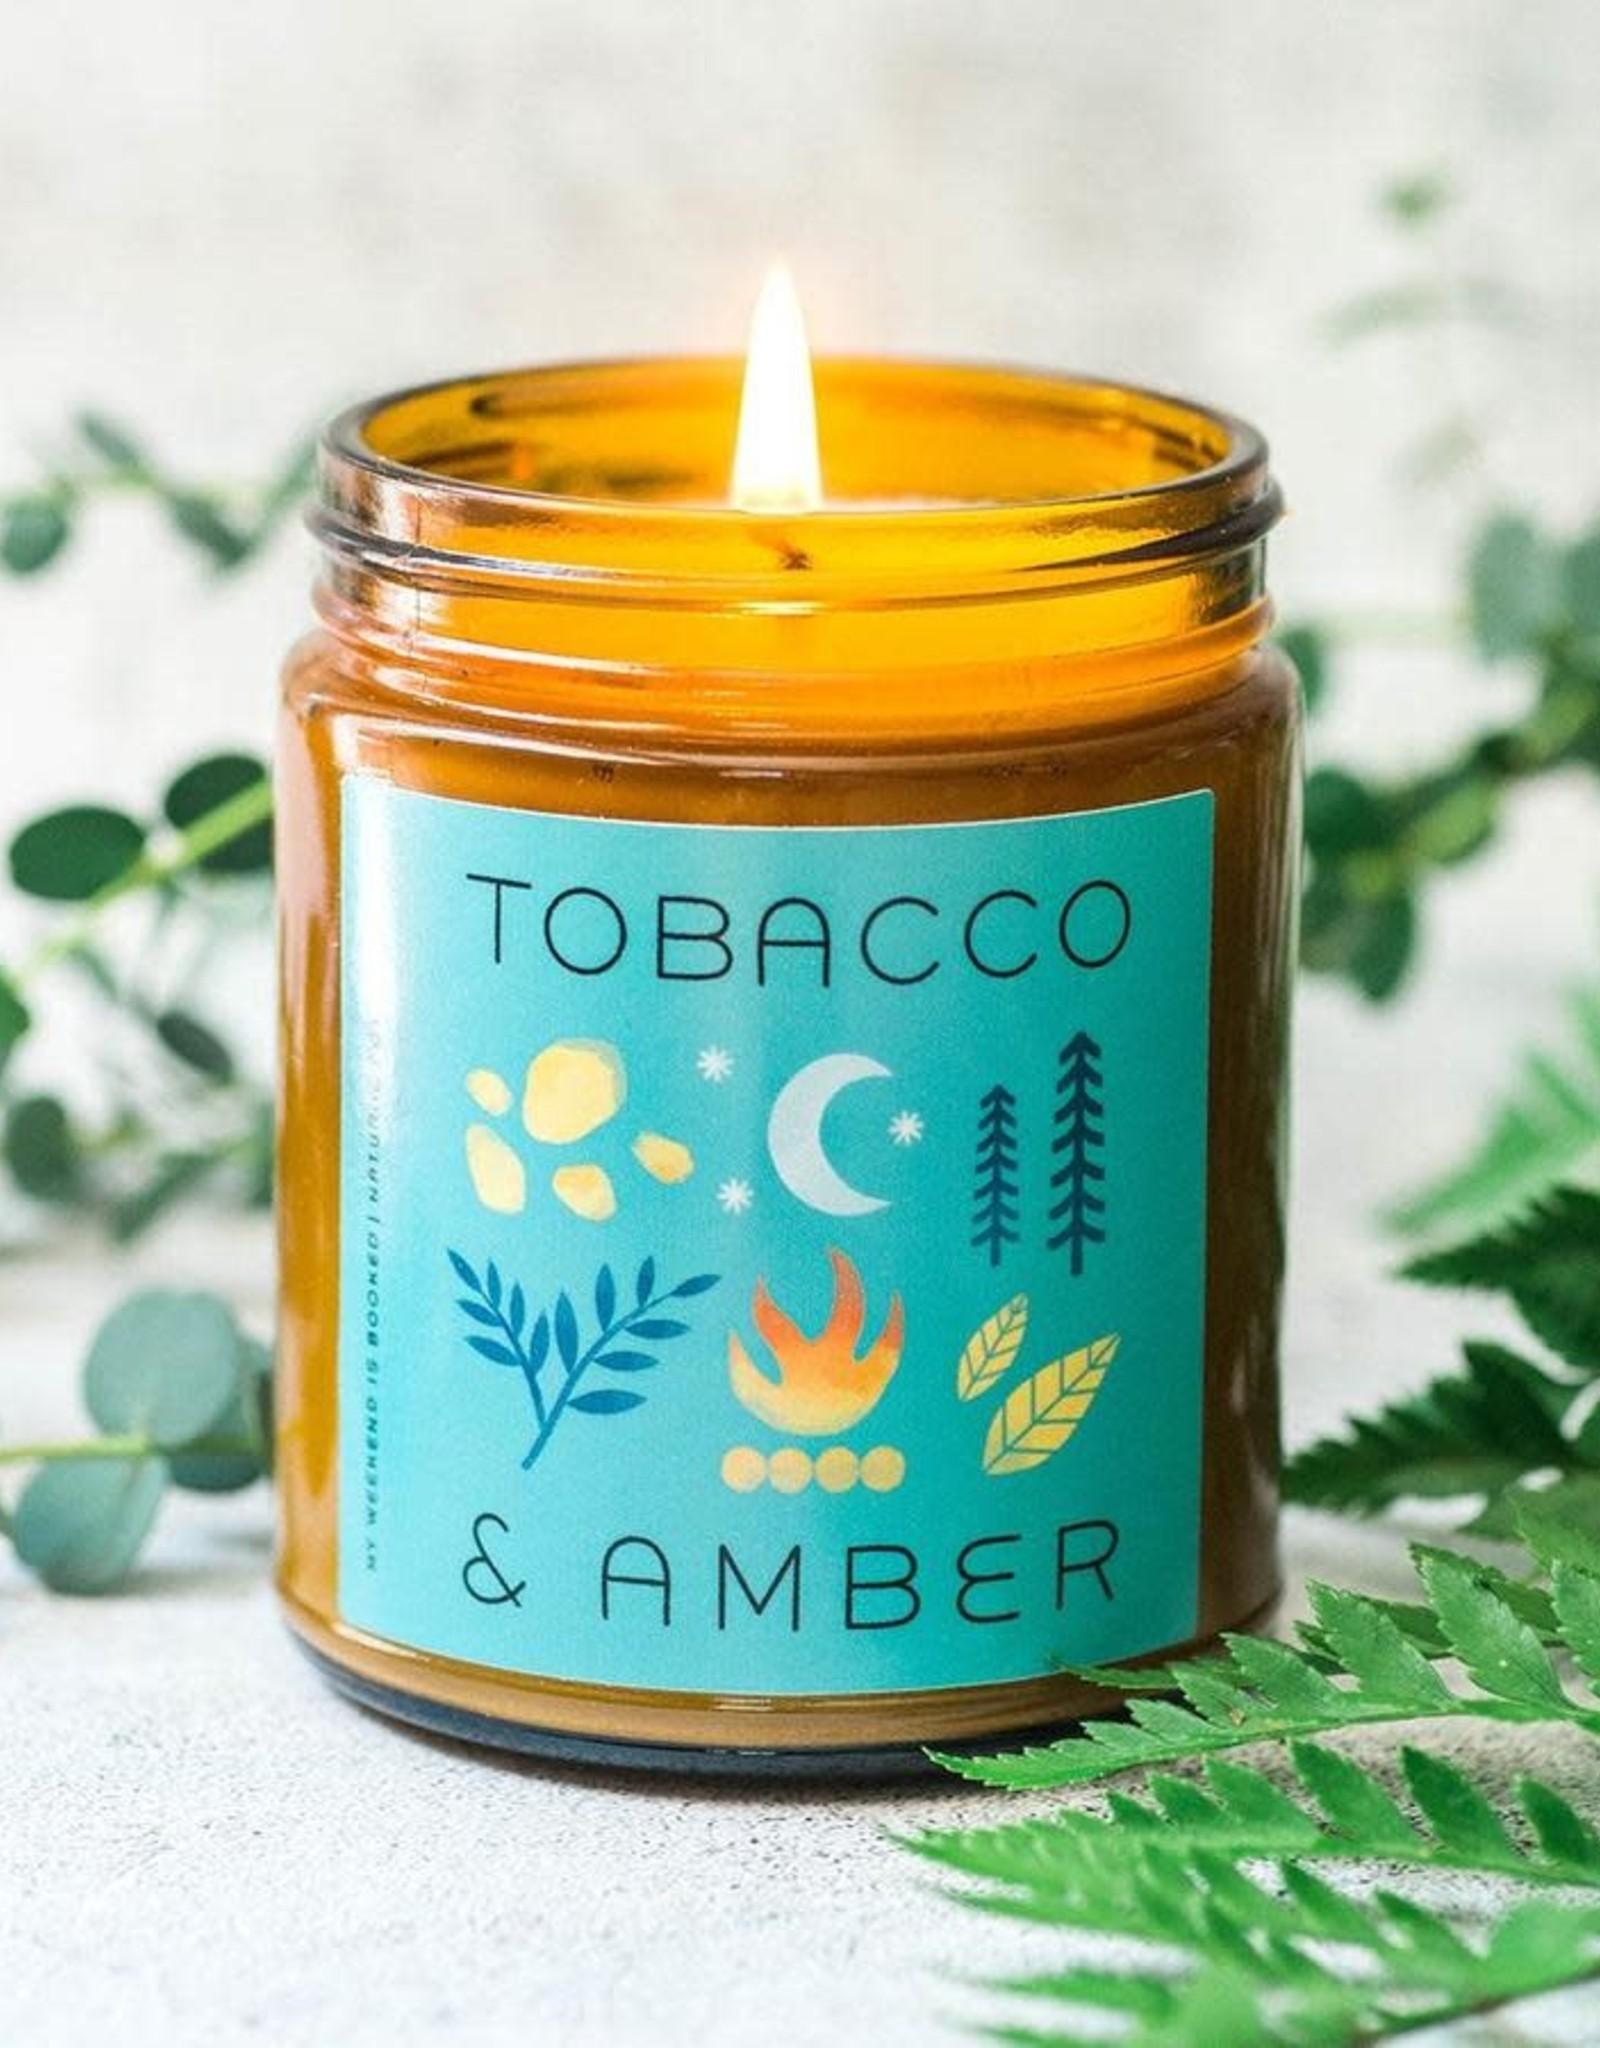 My Weekend Is Booked My Weekend Is Booked  Candle - Tobacco & Amber